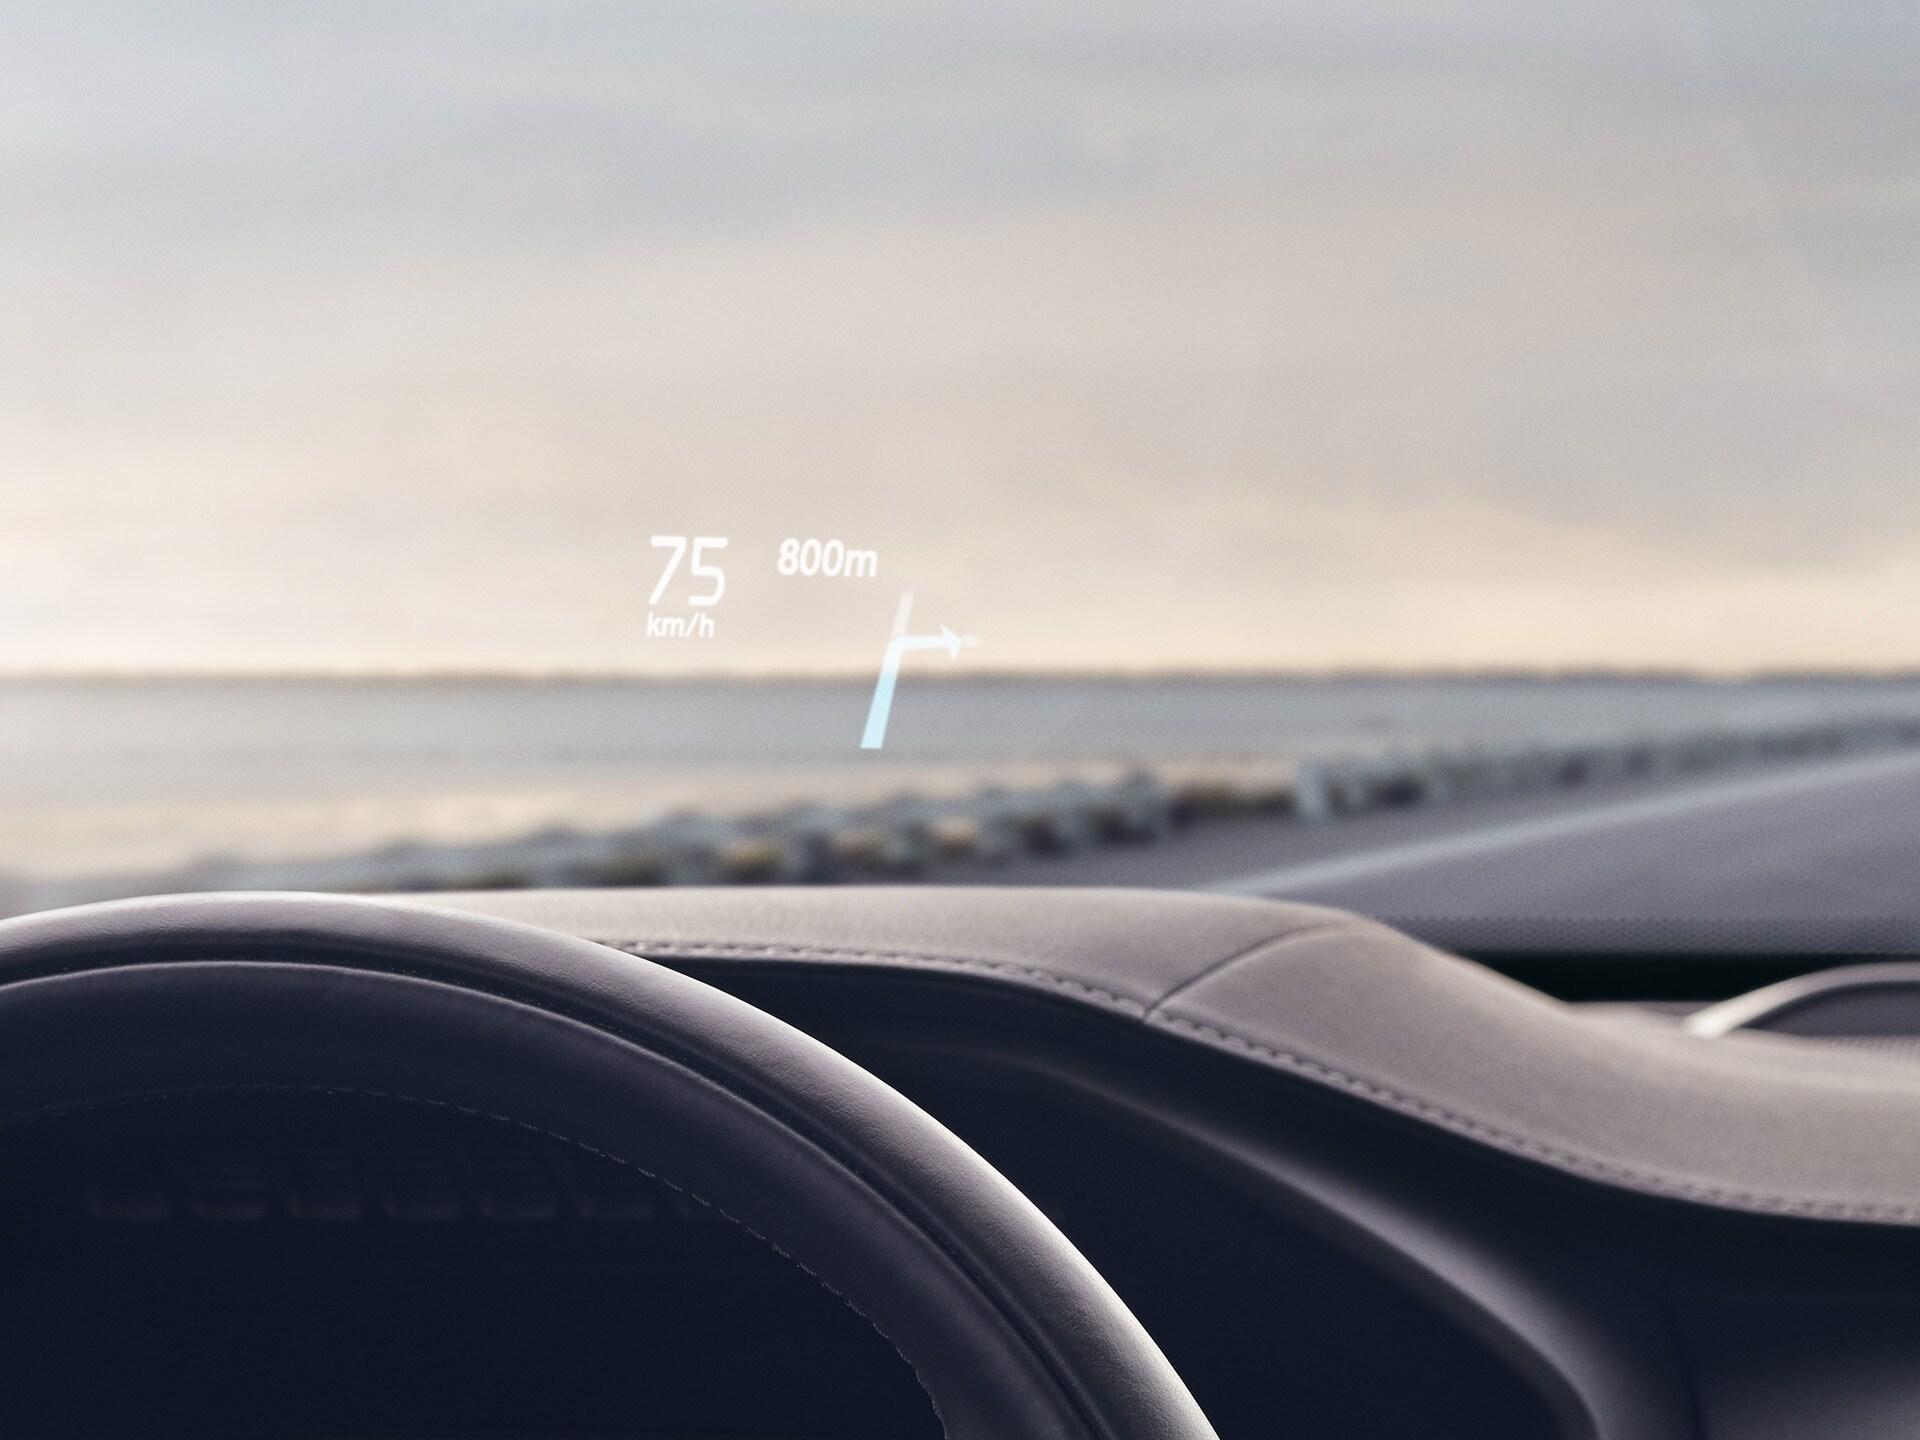 Volvo salong, mille tuuleklaasile on kuvatud sõidukiirus.